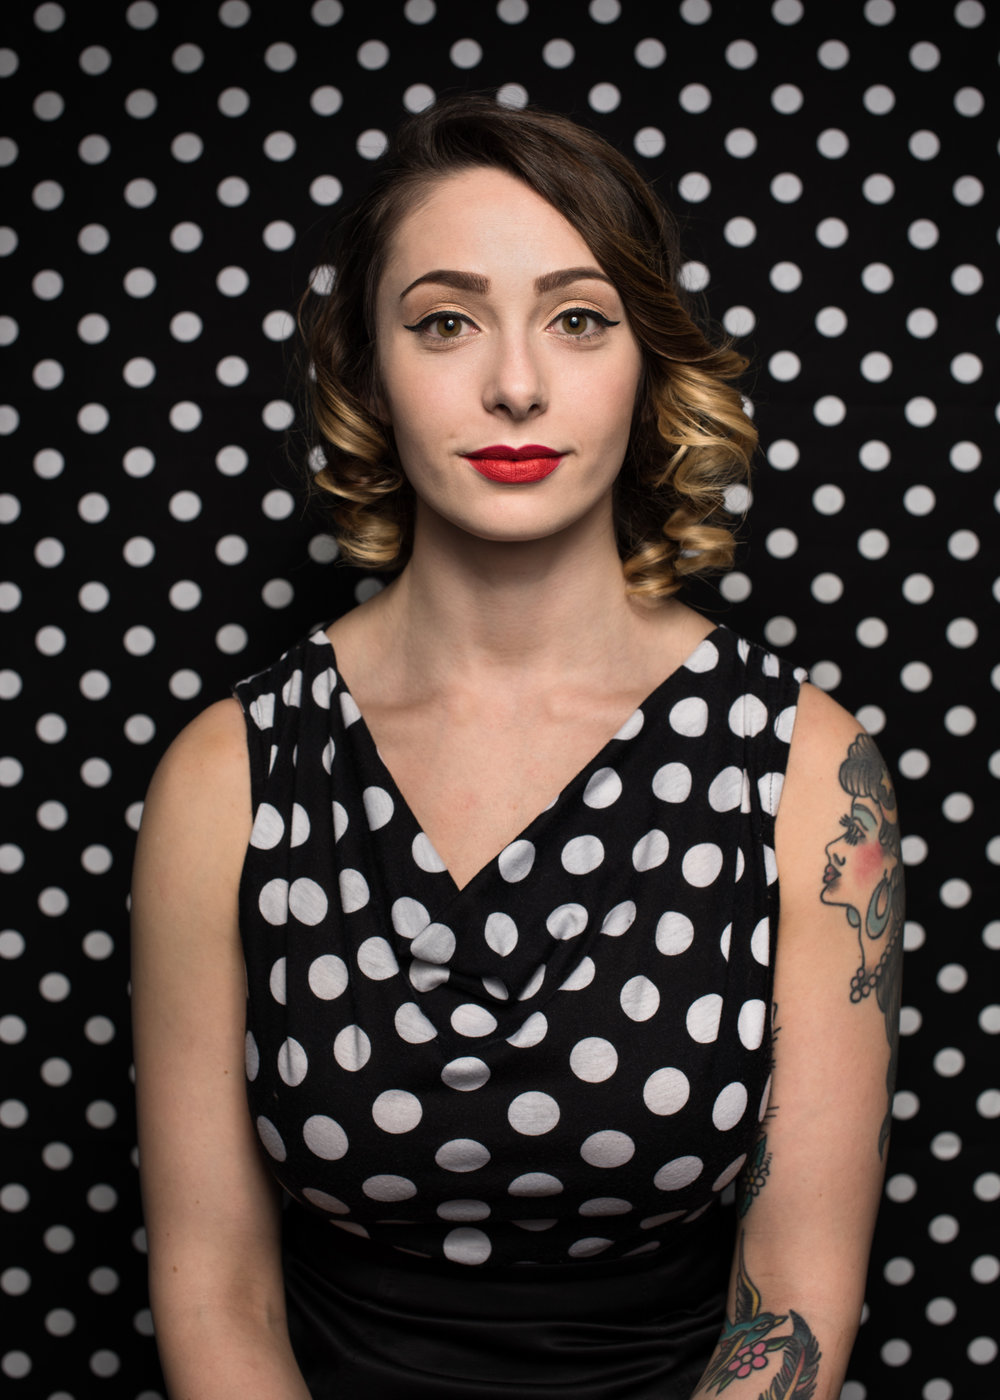 Polka dot portrait